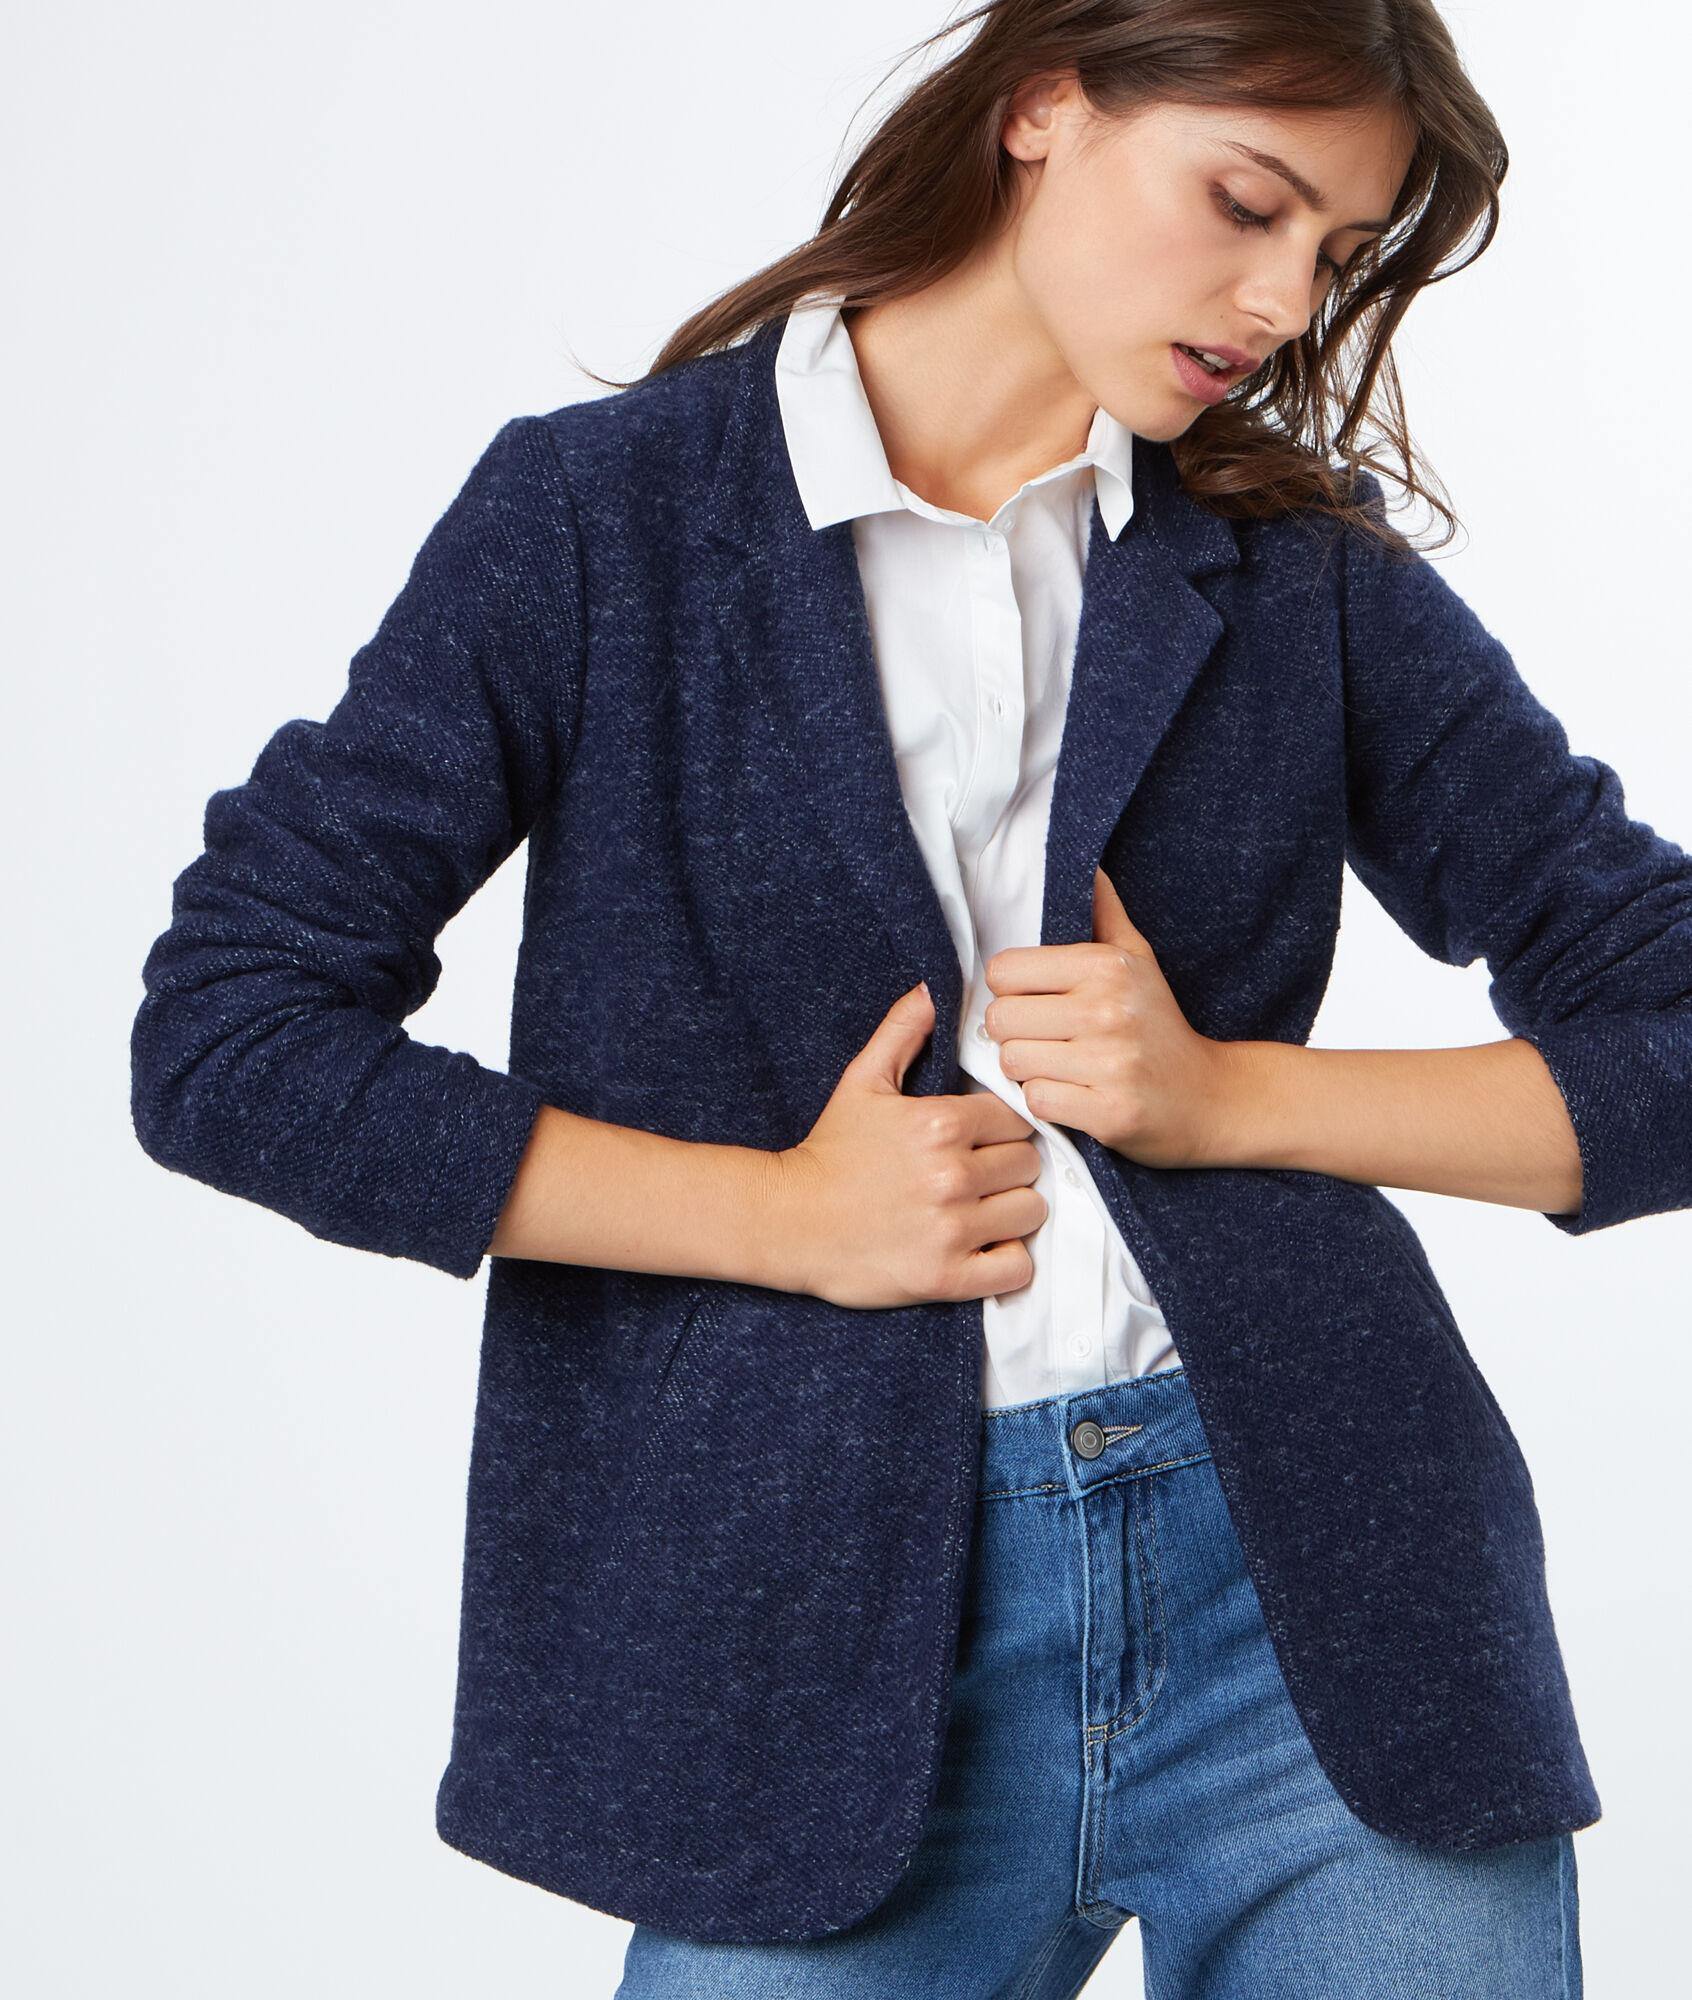 Veste de tailleur femme bleu marine